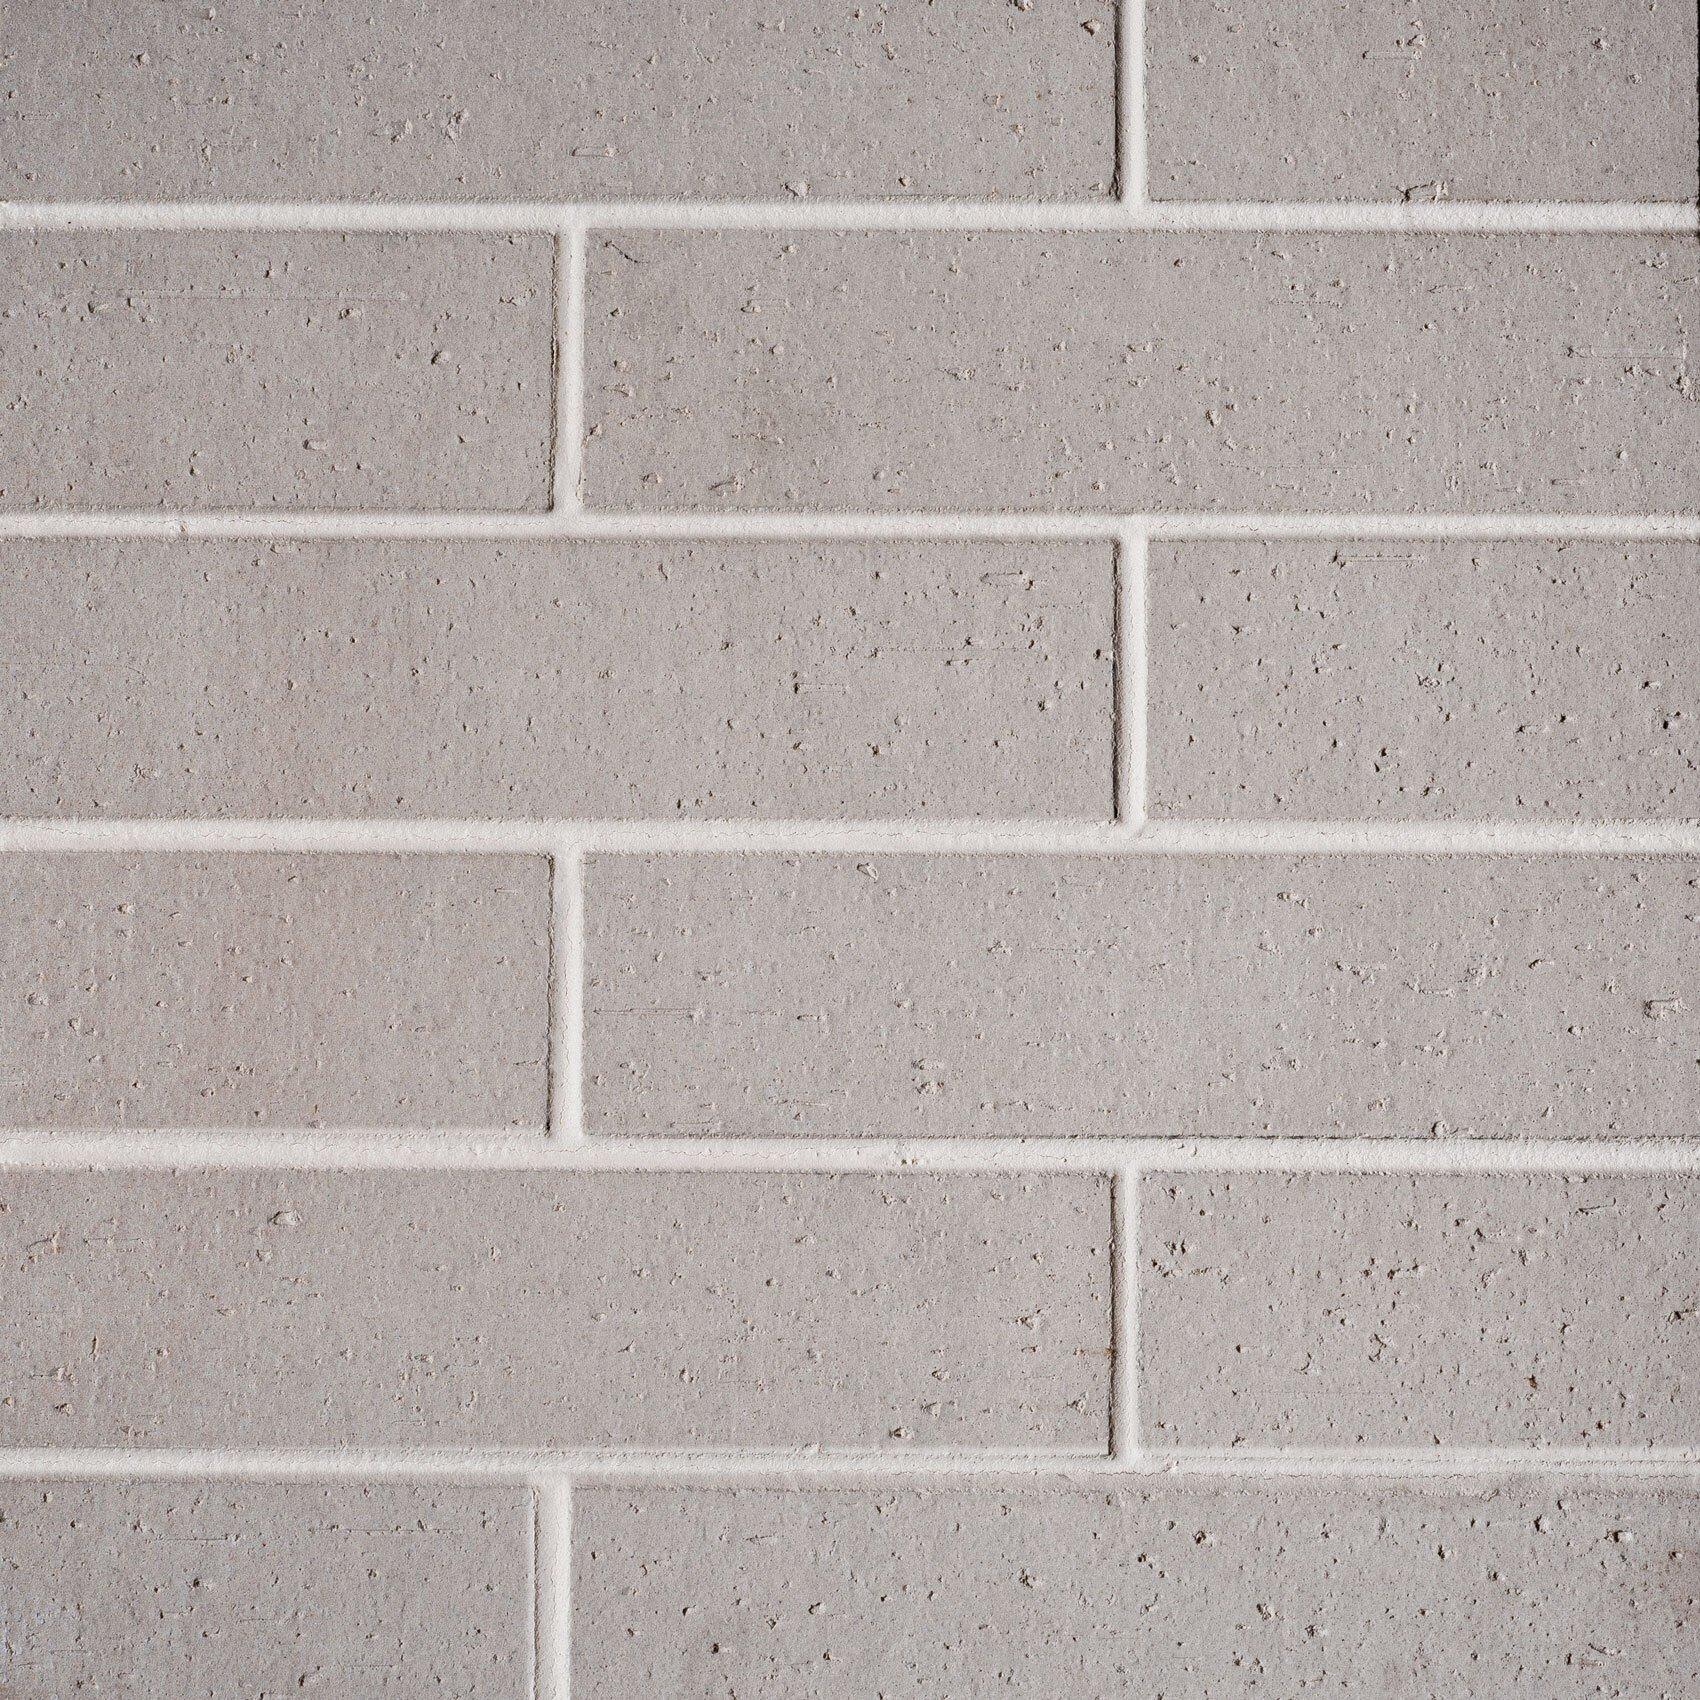 耐盾软瓷单色劈开砖 仿古外墙装饰表面瓷砖 柔韧可以弯曲